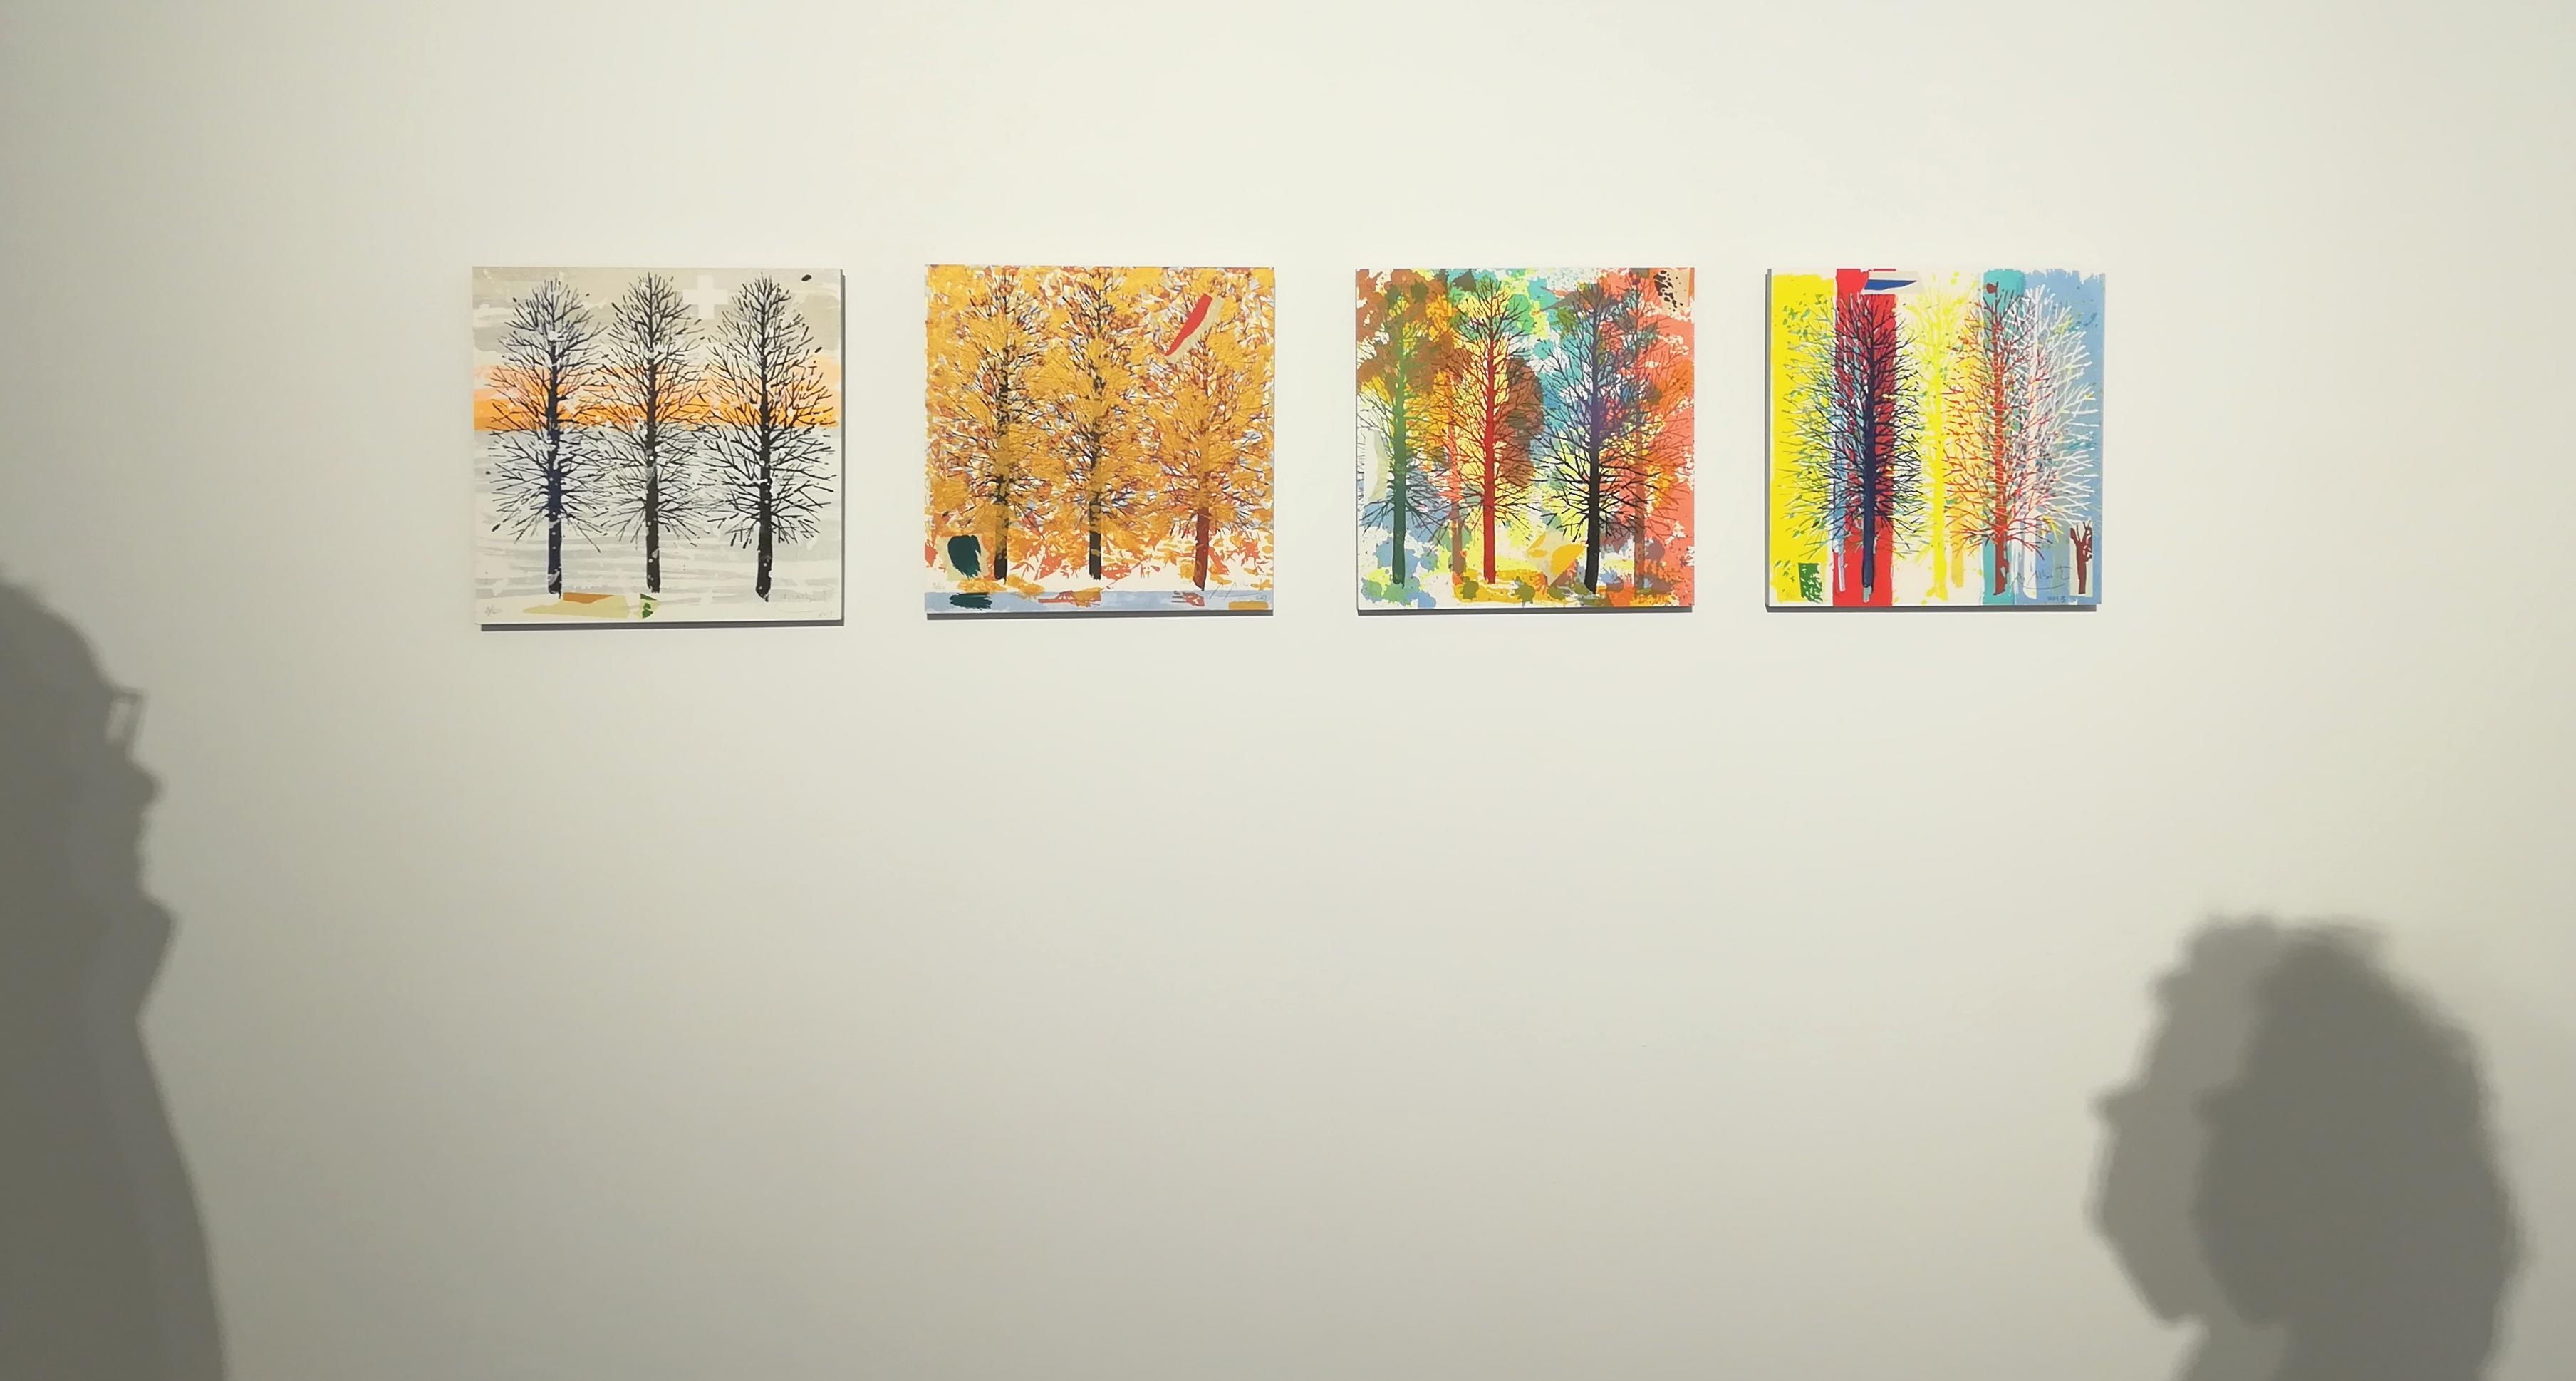 Visión frontal de cuatro obras pictóricas colgadas en la pared.